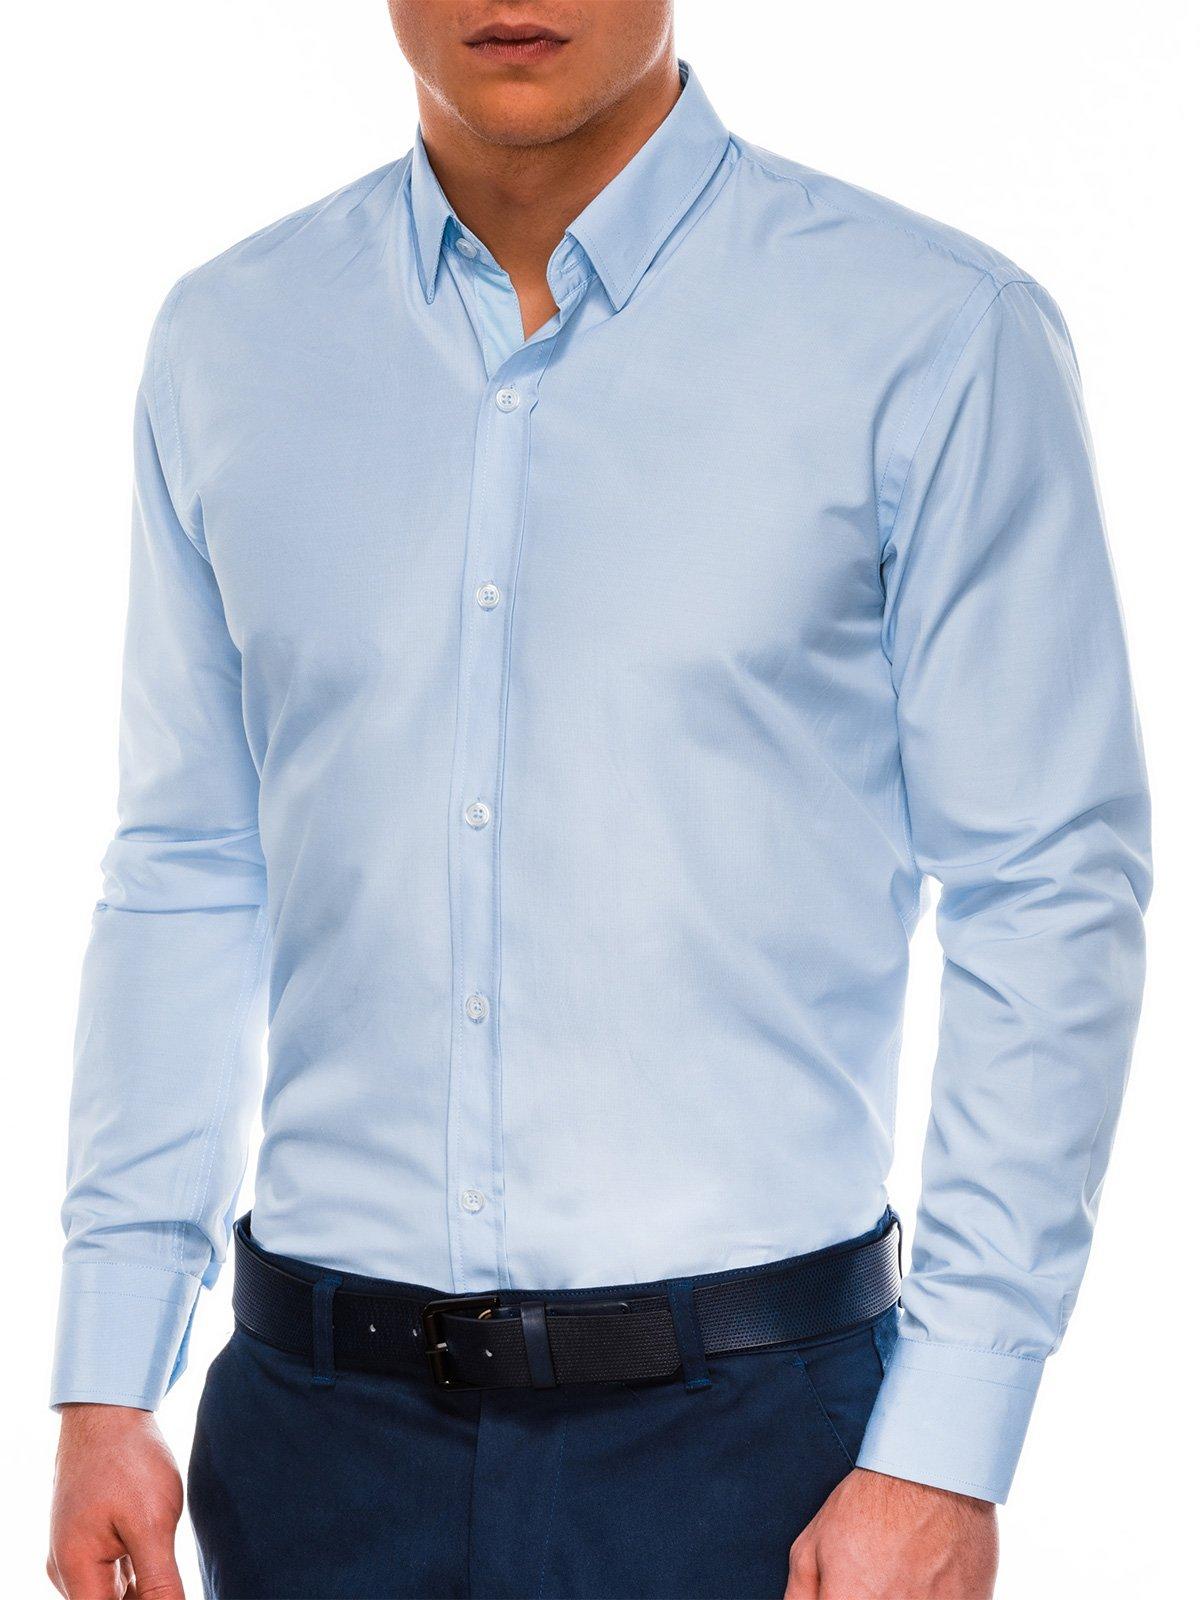 Купить со скидкой Сорочка чоловіча елегантна з довгим рукавом K472 – синя